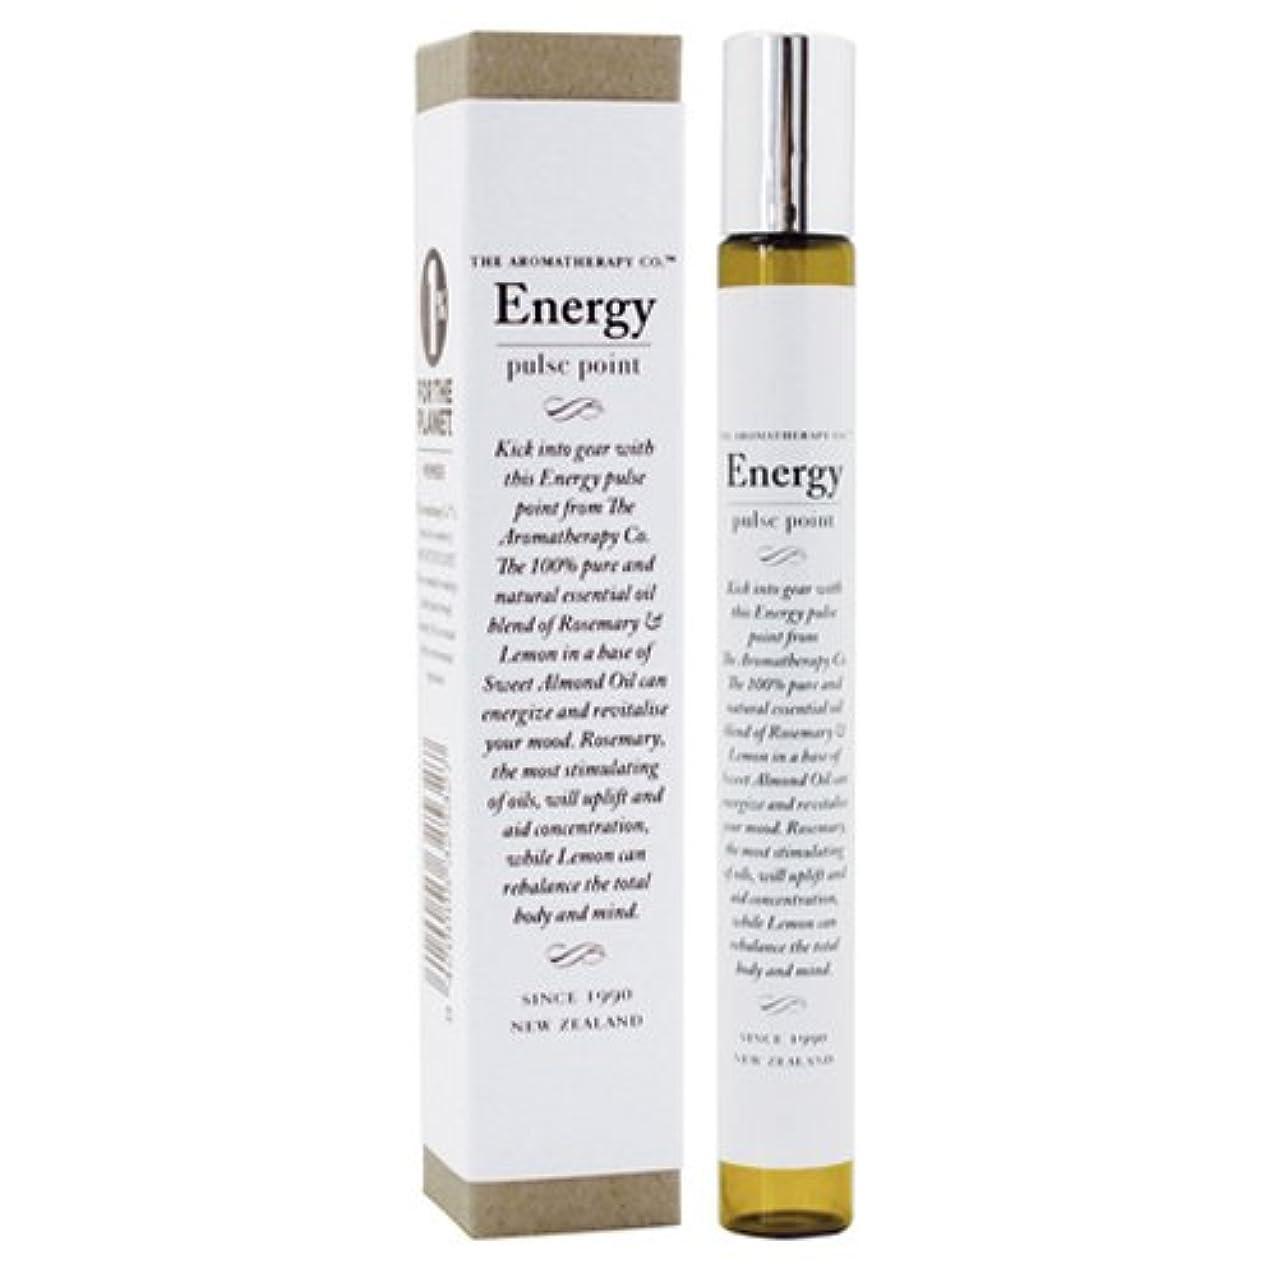 サンダース期待線アロマセラピーカンパニー Therapy Range セラピーレンジ パルスポイント エナジー ロールオンパフューム Energy